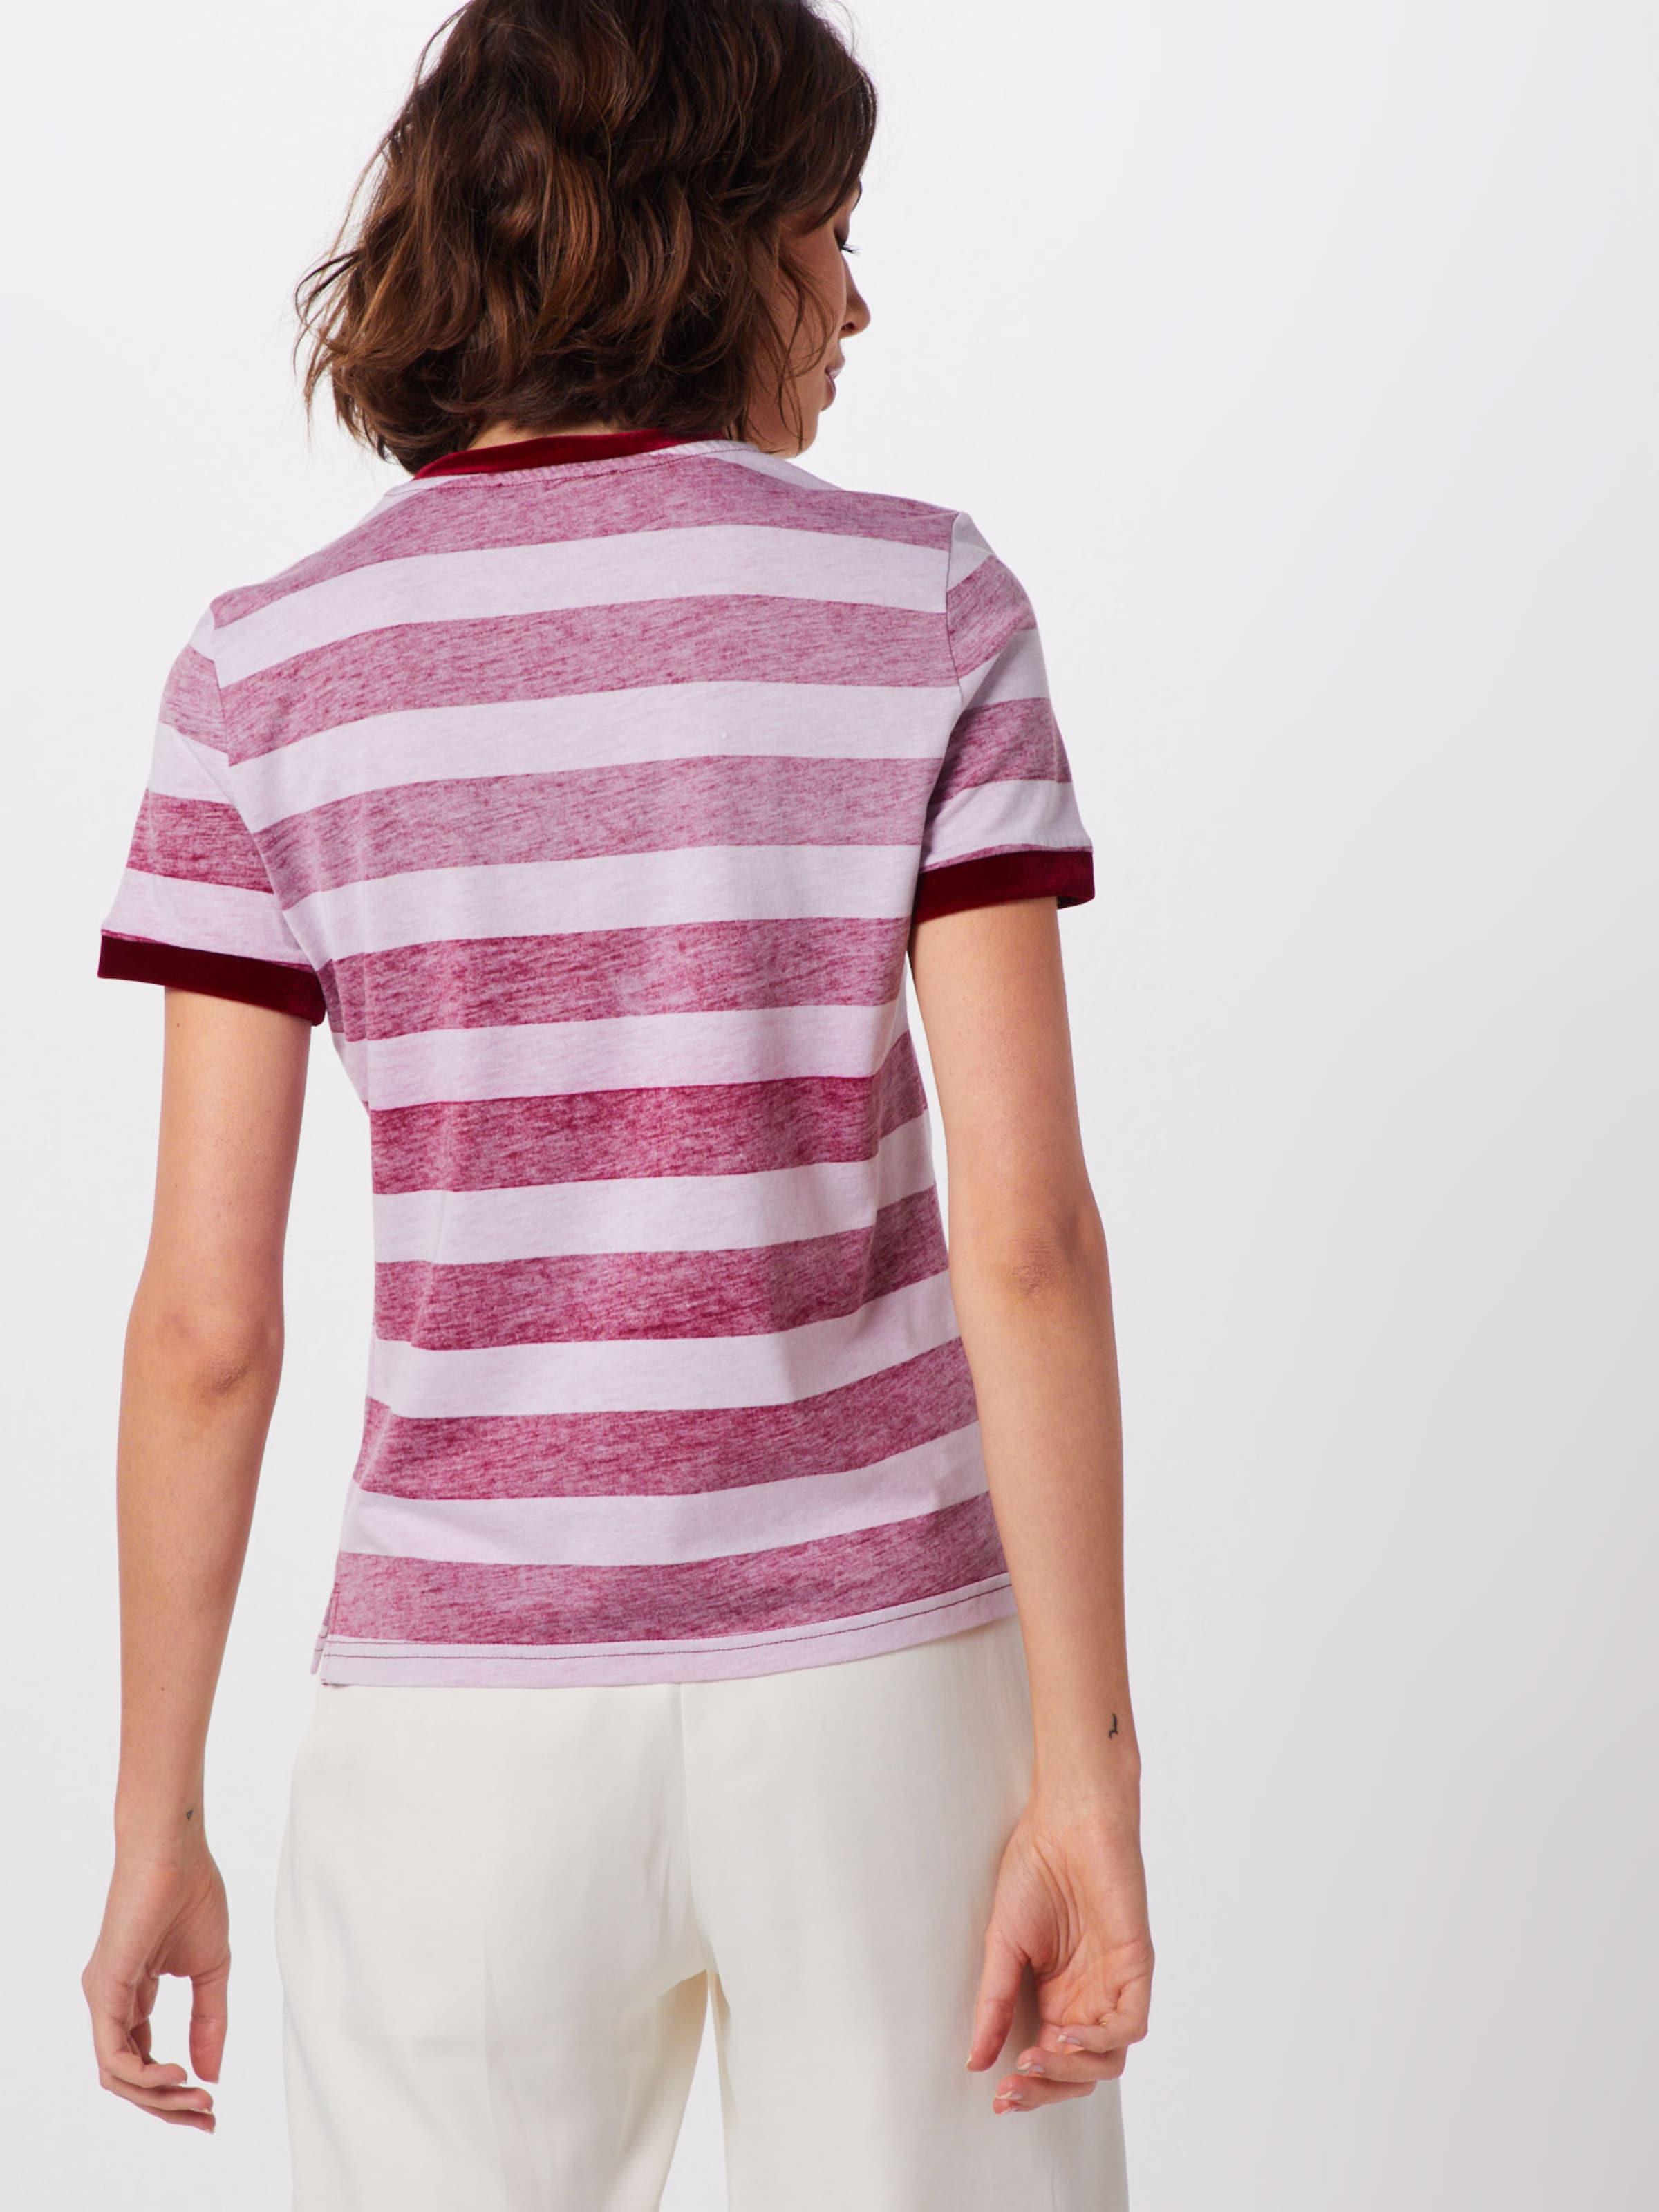 Guess PinkRot Cn Top' In Shirt Fancy 'ss 35ul1FKcTJ